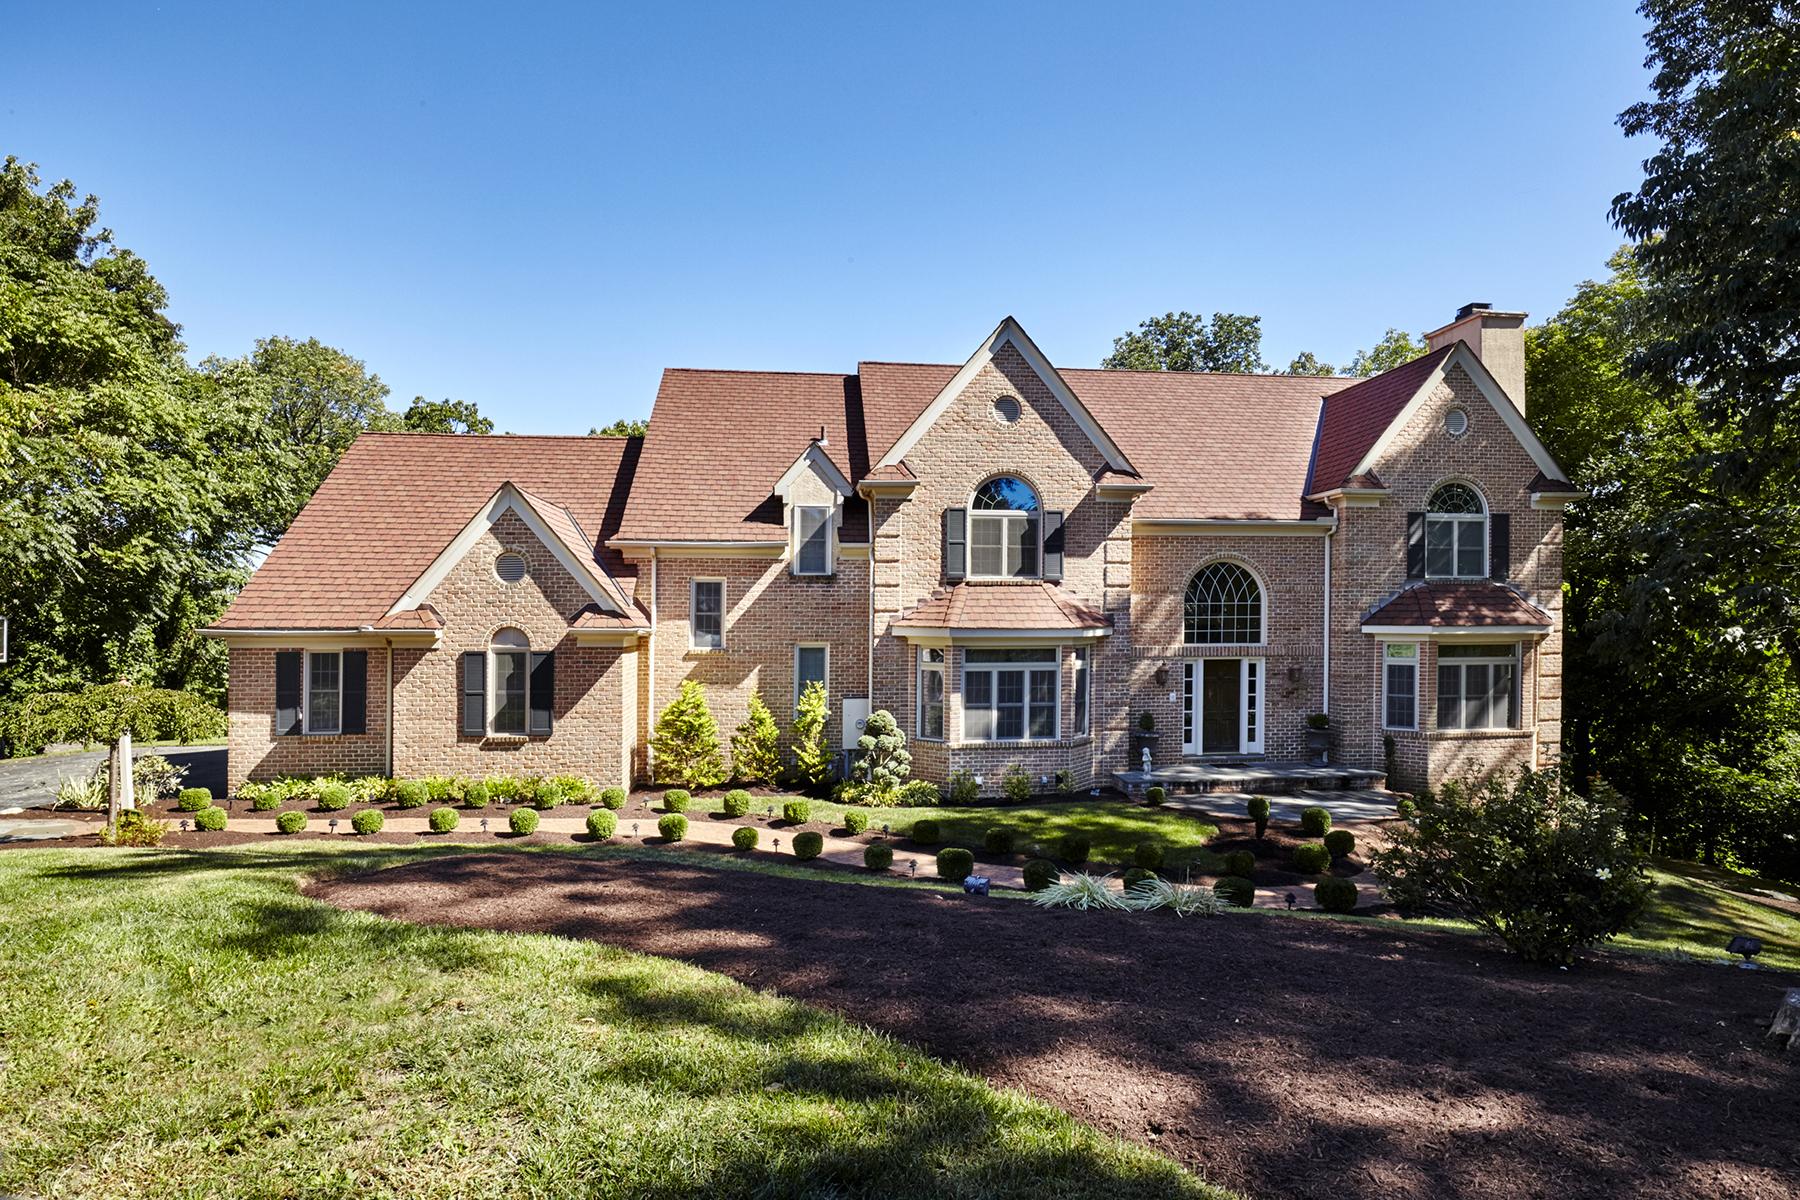 Частный односемейный дом для того Продажа на Gladwyne Estate Home 1350 Avignon Drive Gladwyne, Пенсильвания, 19035 Соединенные Штаты